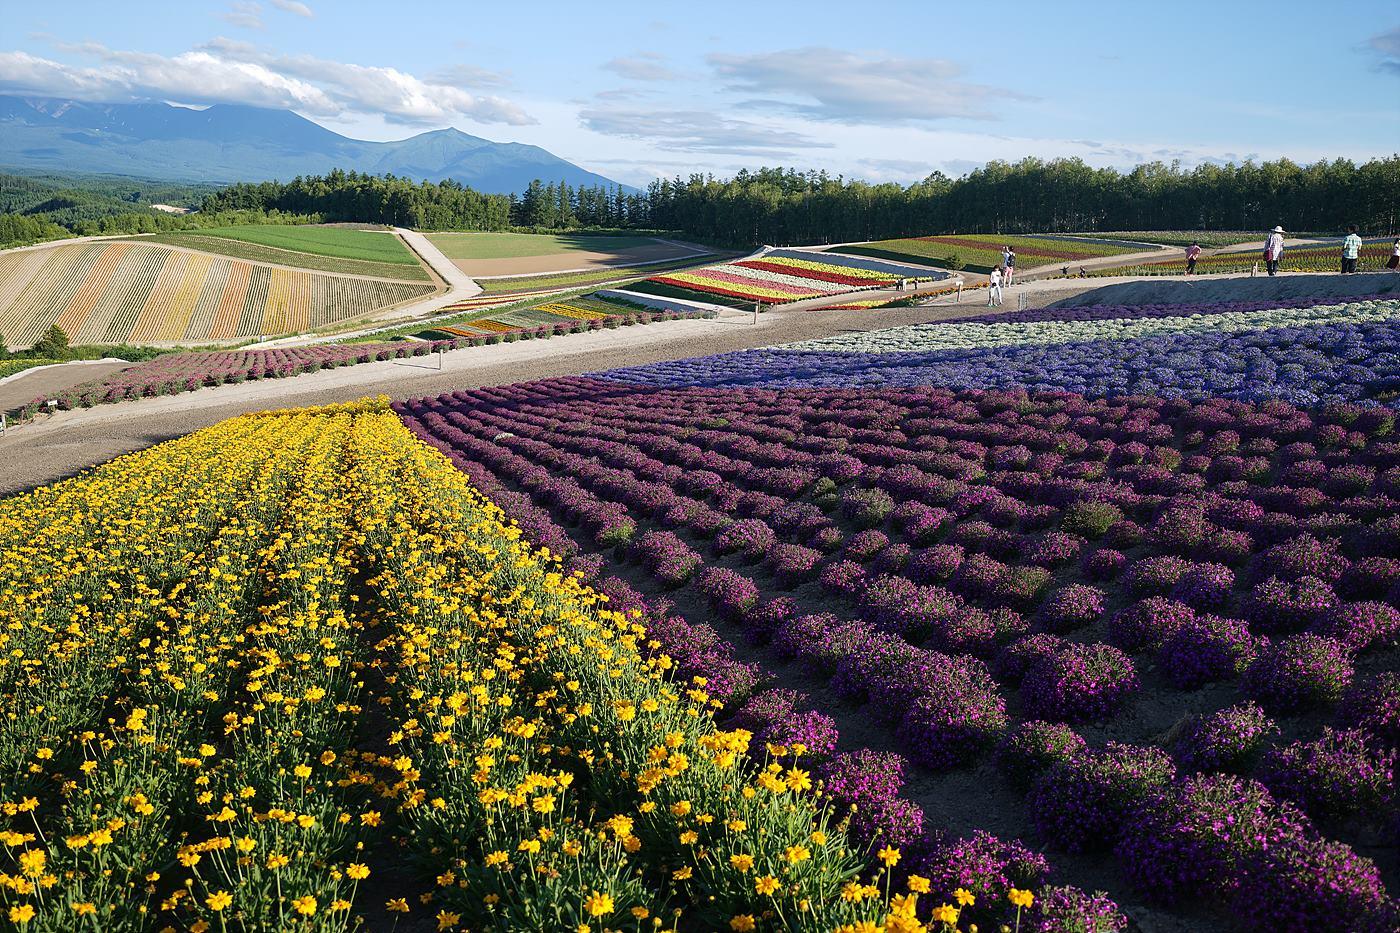 후라노/비에이 지역의 들판과 꽃